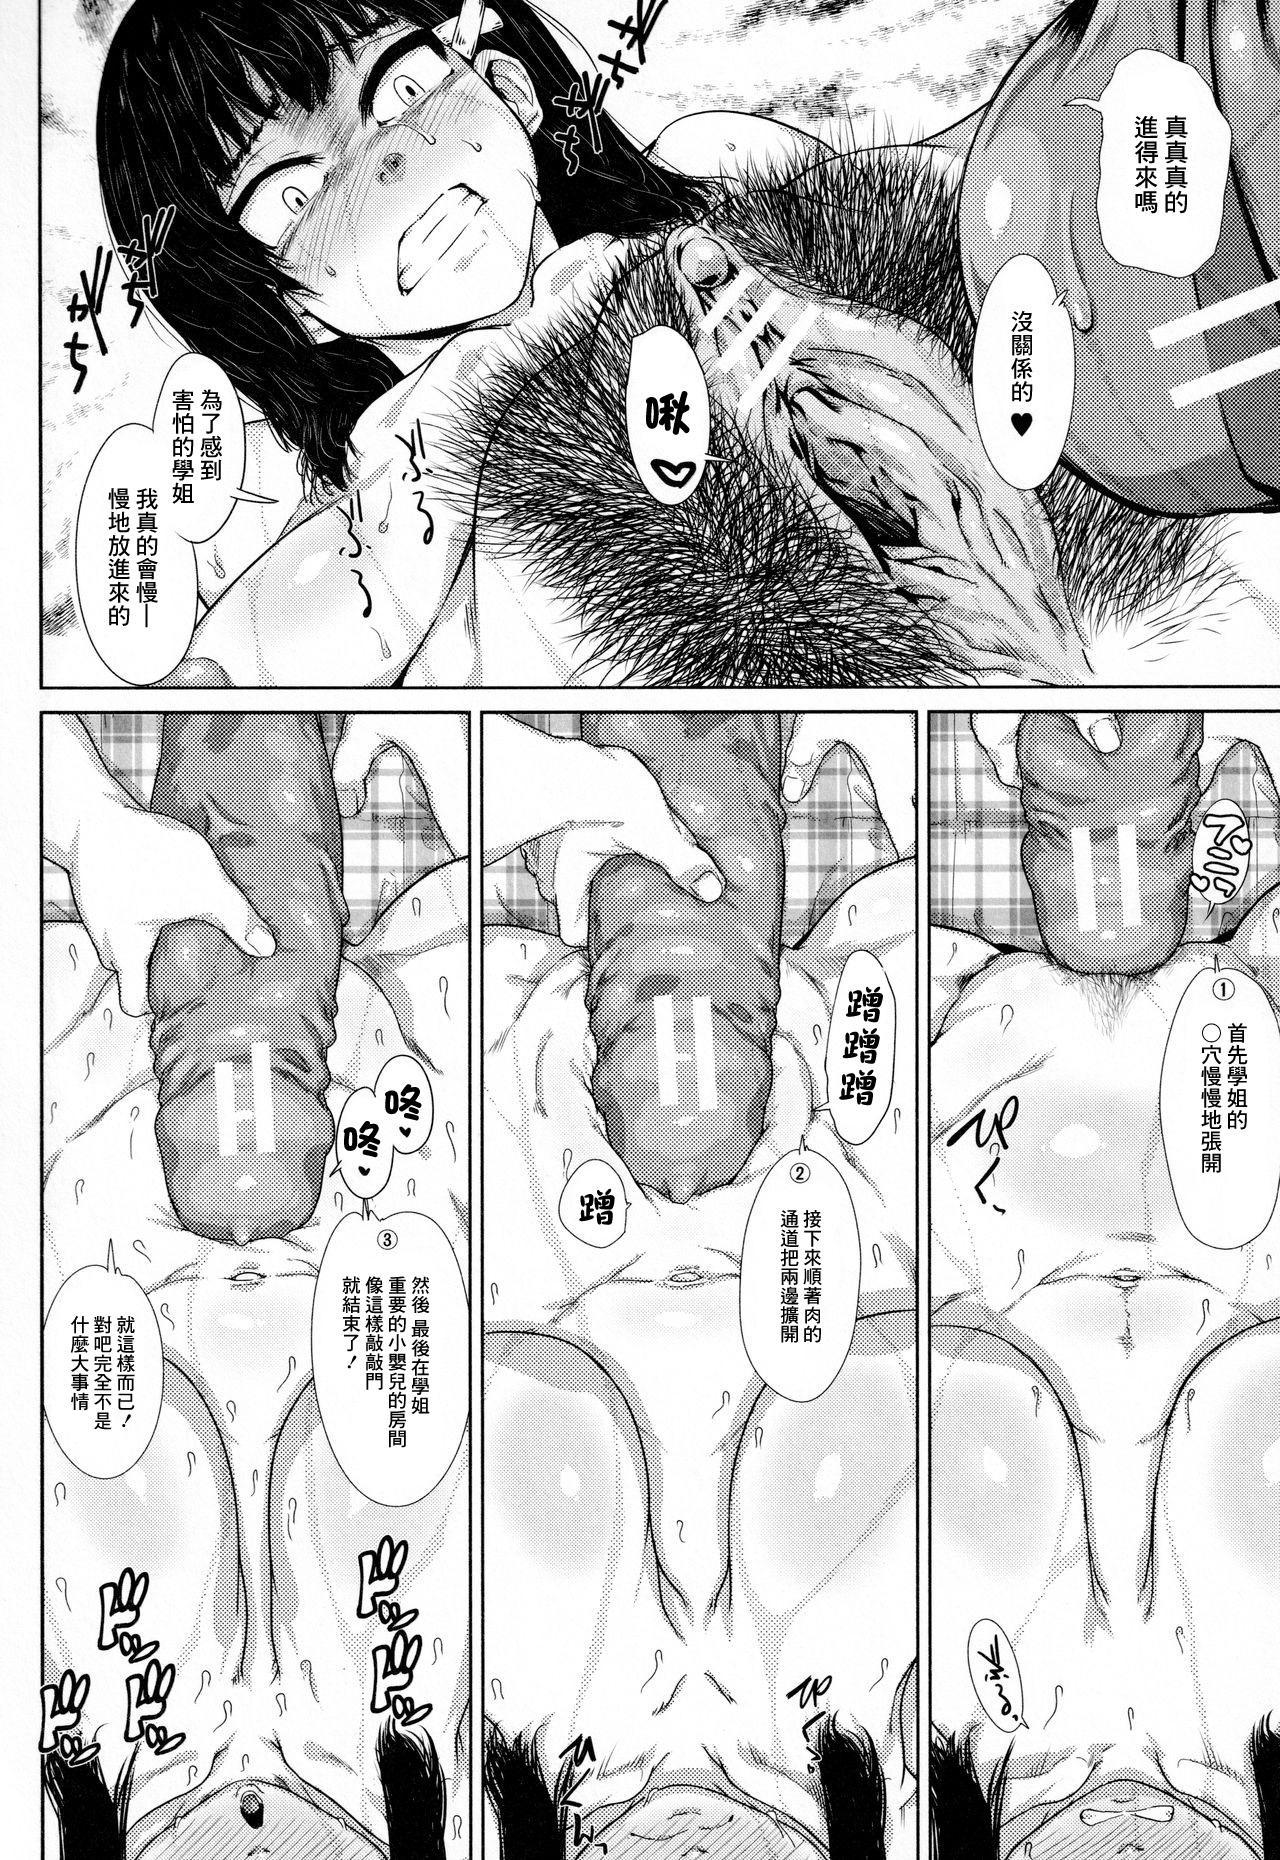 地味デカJK初デート 21